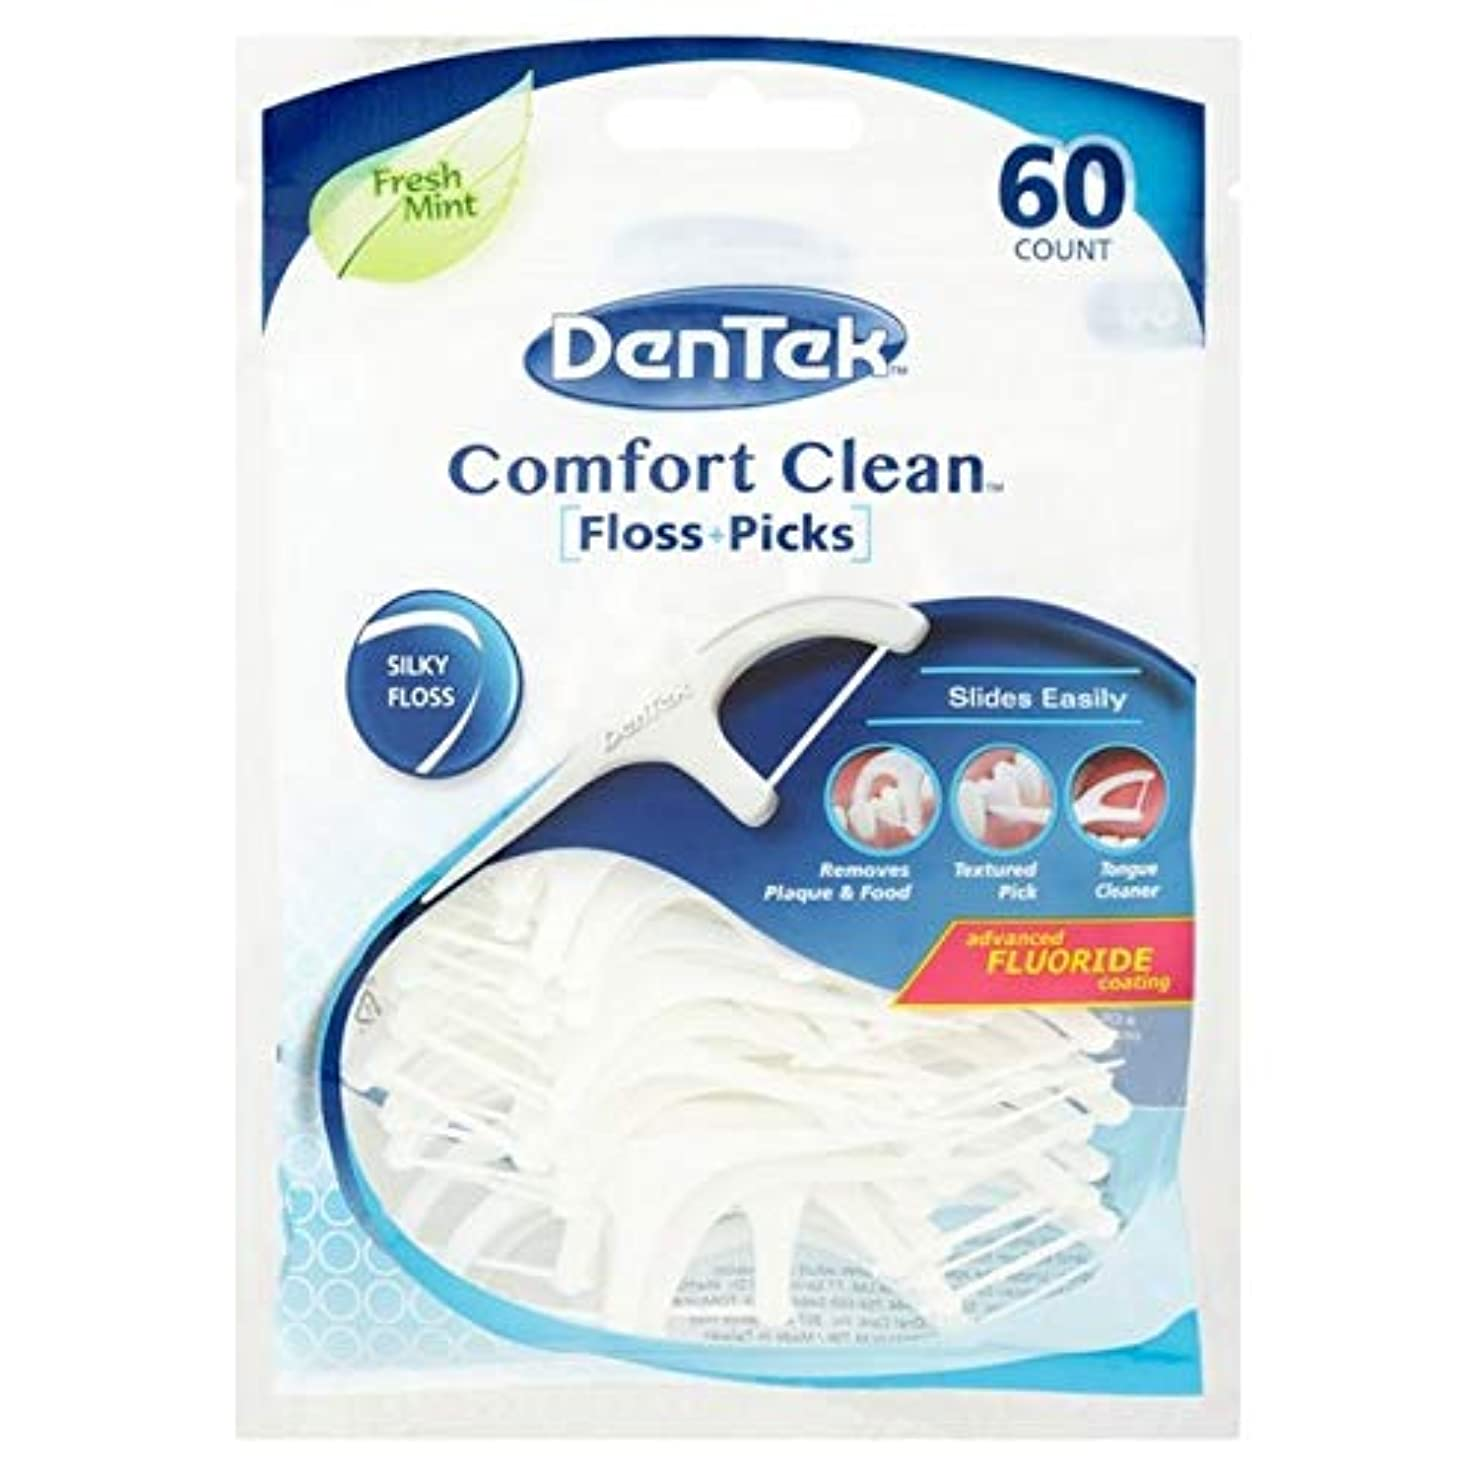 寄稿者アプトカレッジ[DenTek] Dentek快適クリーンフロスパックあたり60を選びます - DenTek Comfort Clean Floss Pick 60 per pack [並行輸入品]